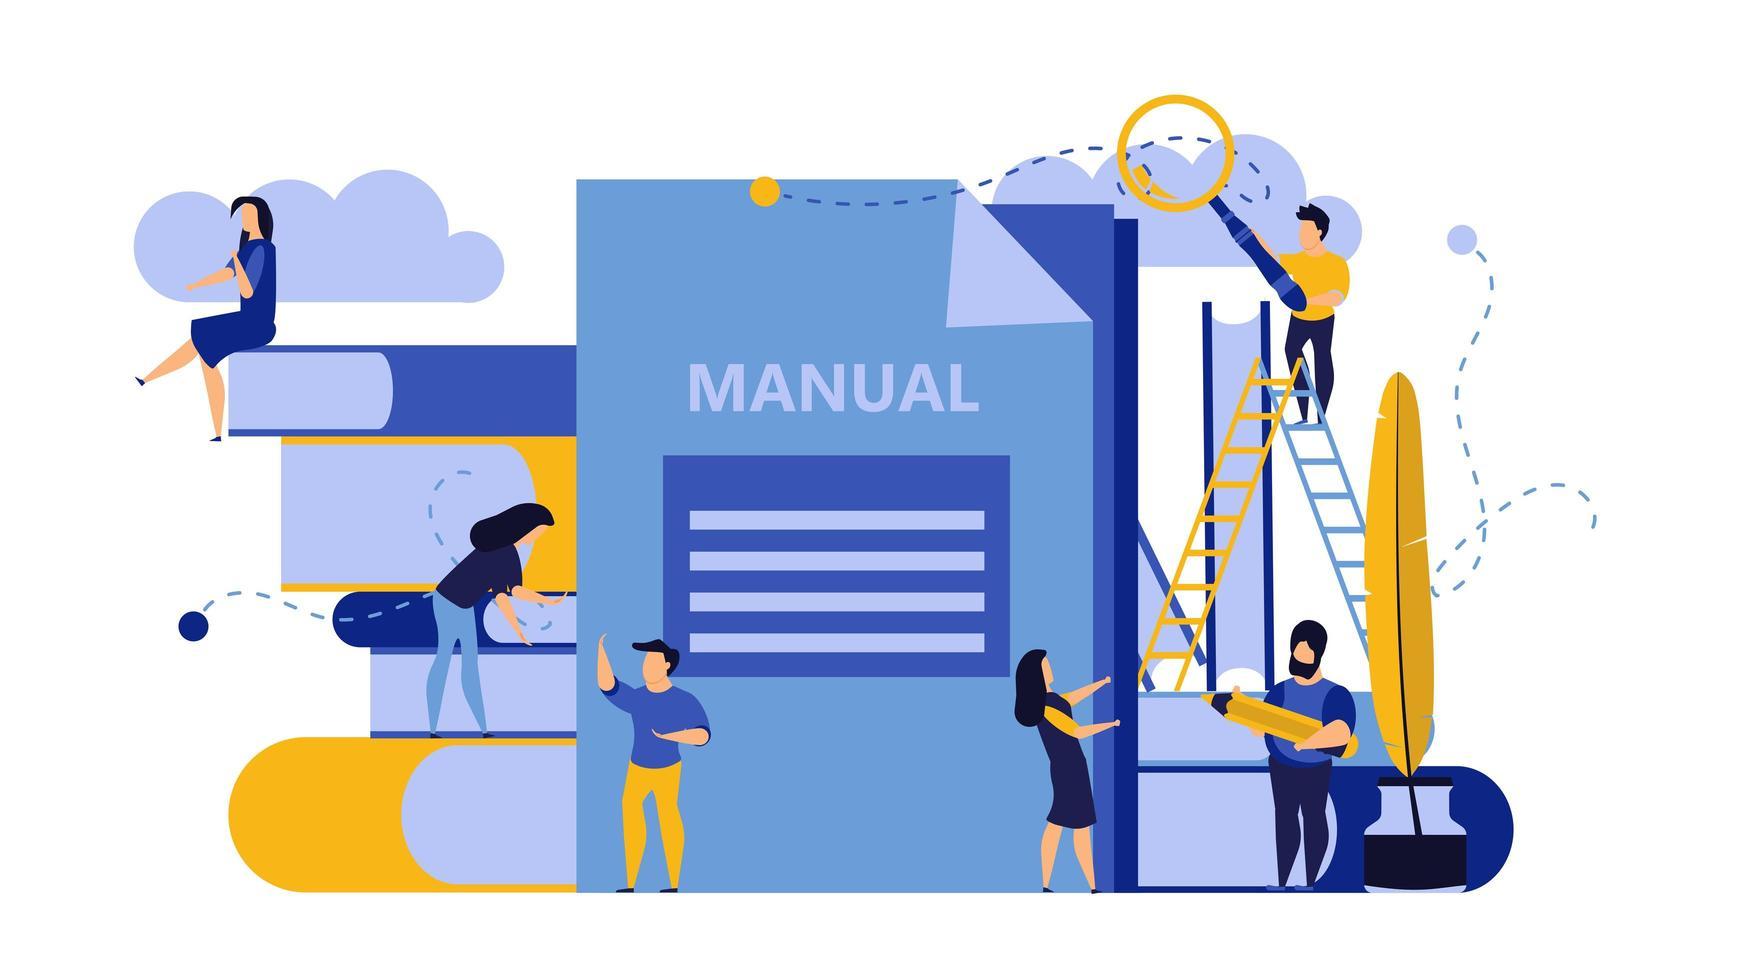 L'uomo e la donna creano il disegno manuale del libro di documenti vettore